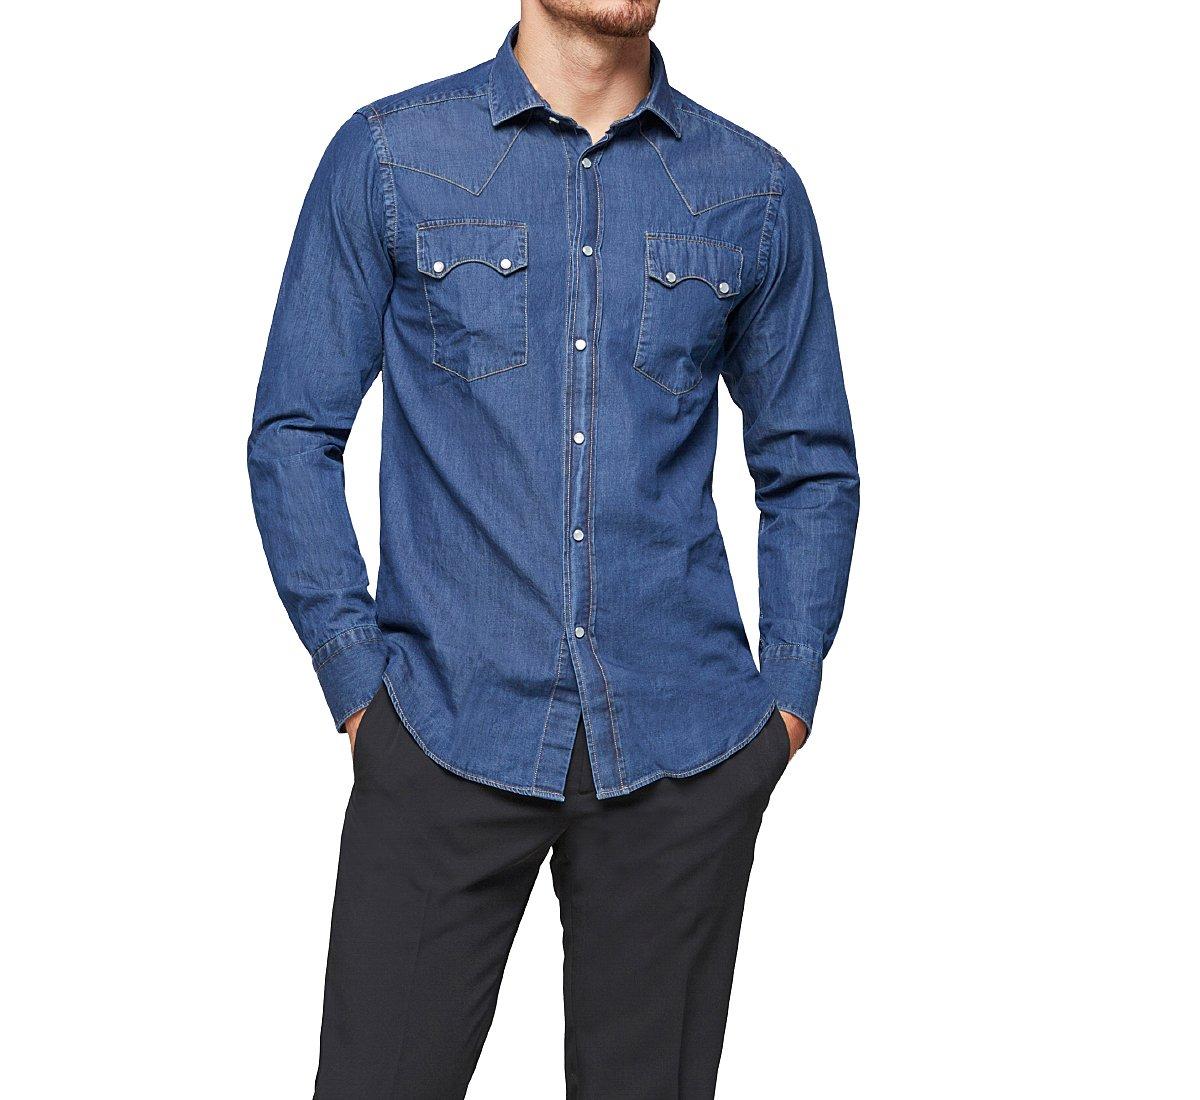 Camicia di jeans in stile western